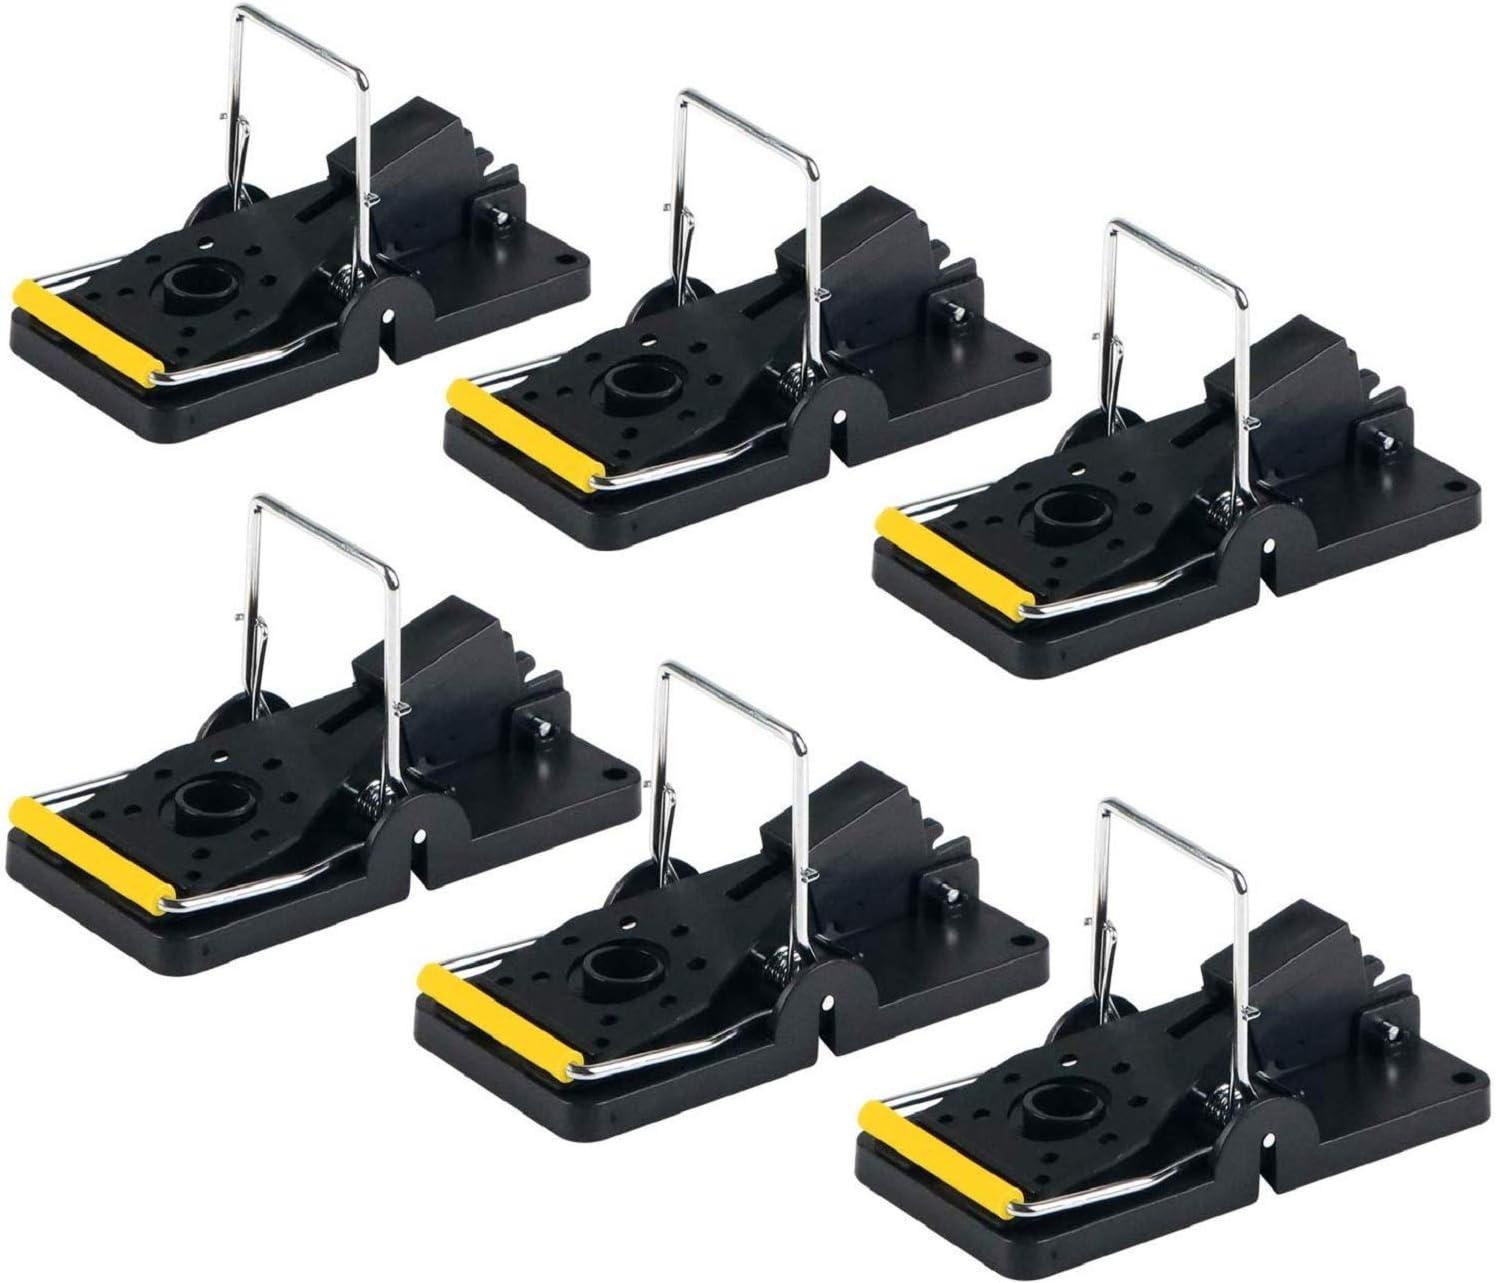 ASPECTEK Trampa para Ratones, Trampas a Presión Reutilizables de Fácil Instalación, Paquete de 6, Interior, Plástico, Negro